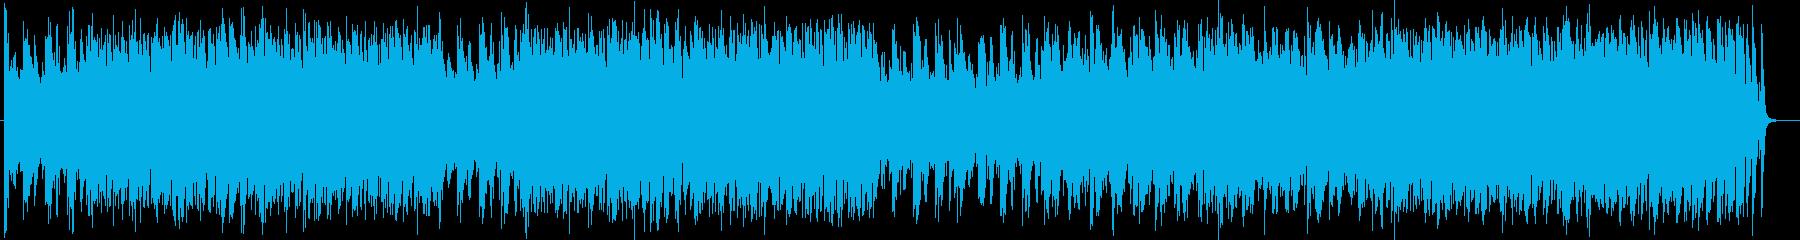 近未来的でメロデアスなシンセメインの曲の再生済みの波形